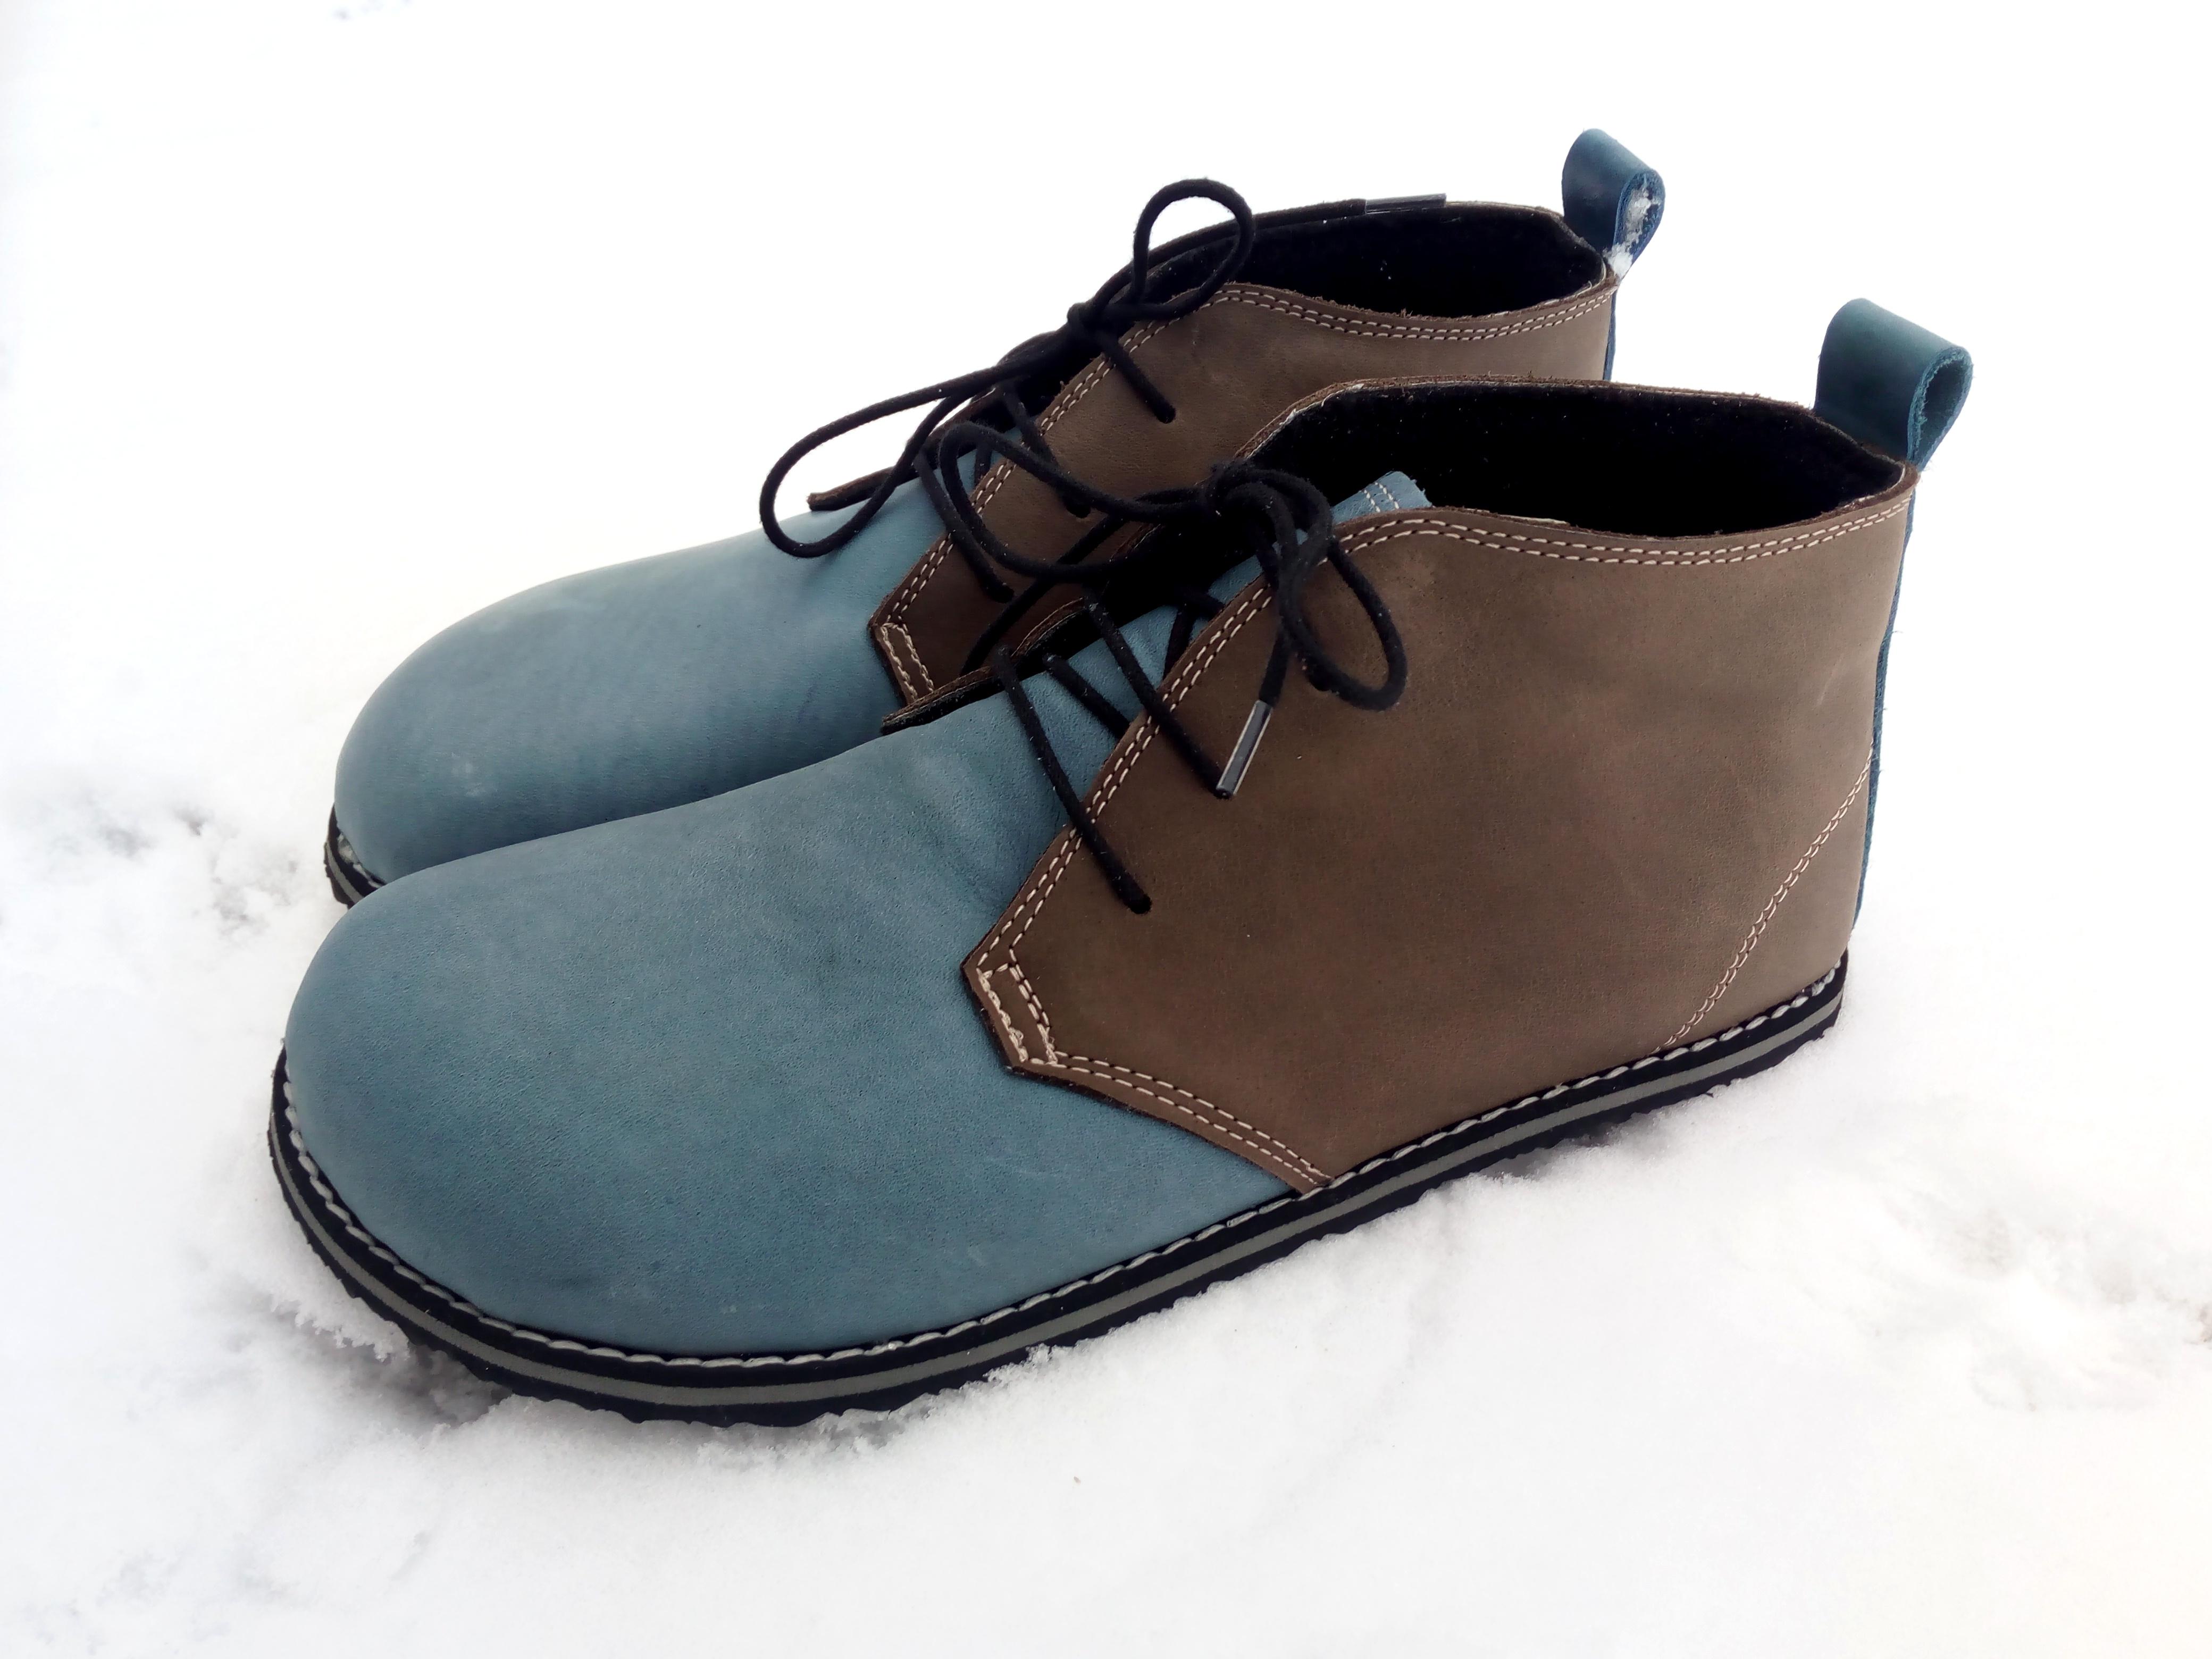 Teploučké a měkké severky, kotníkové barefootové botky zateplené vlněnou podšívkou*